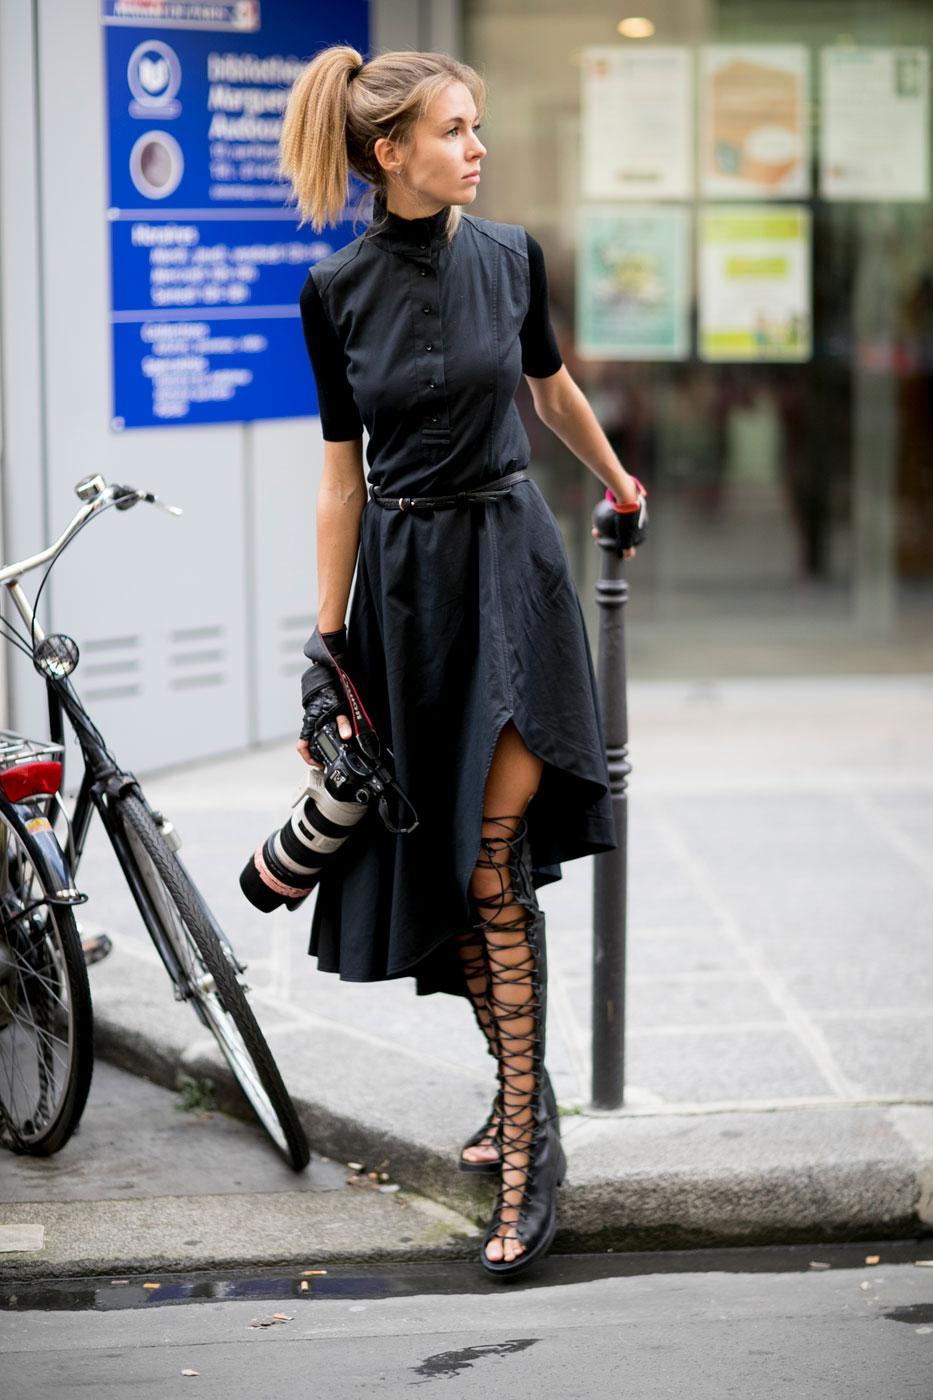 Street Style 50 Nuances D 39 Automne La Fashion Week De Paris Madame Figaro